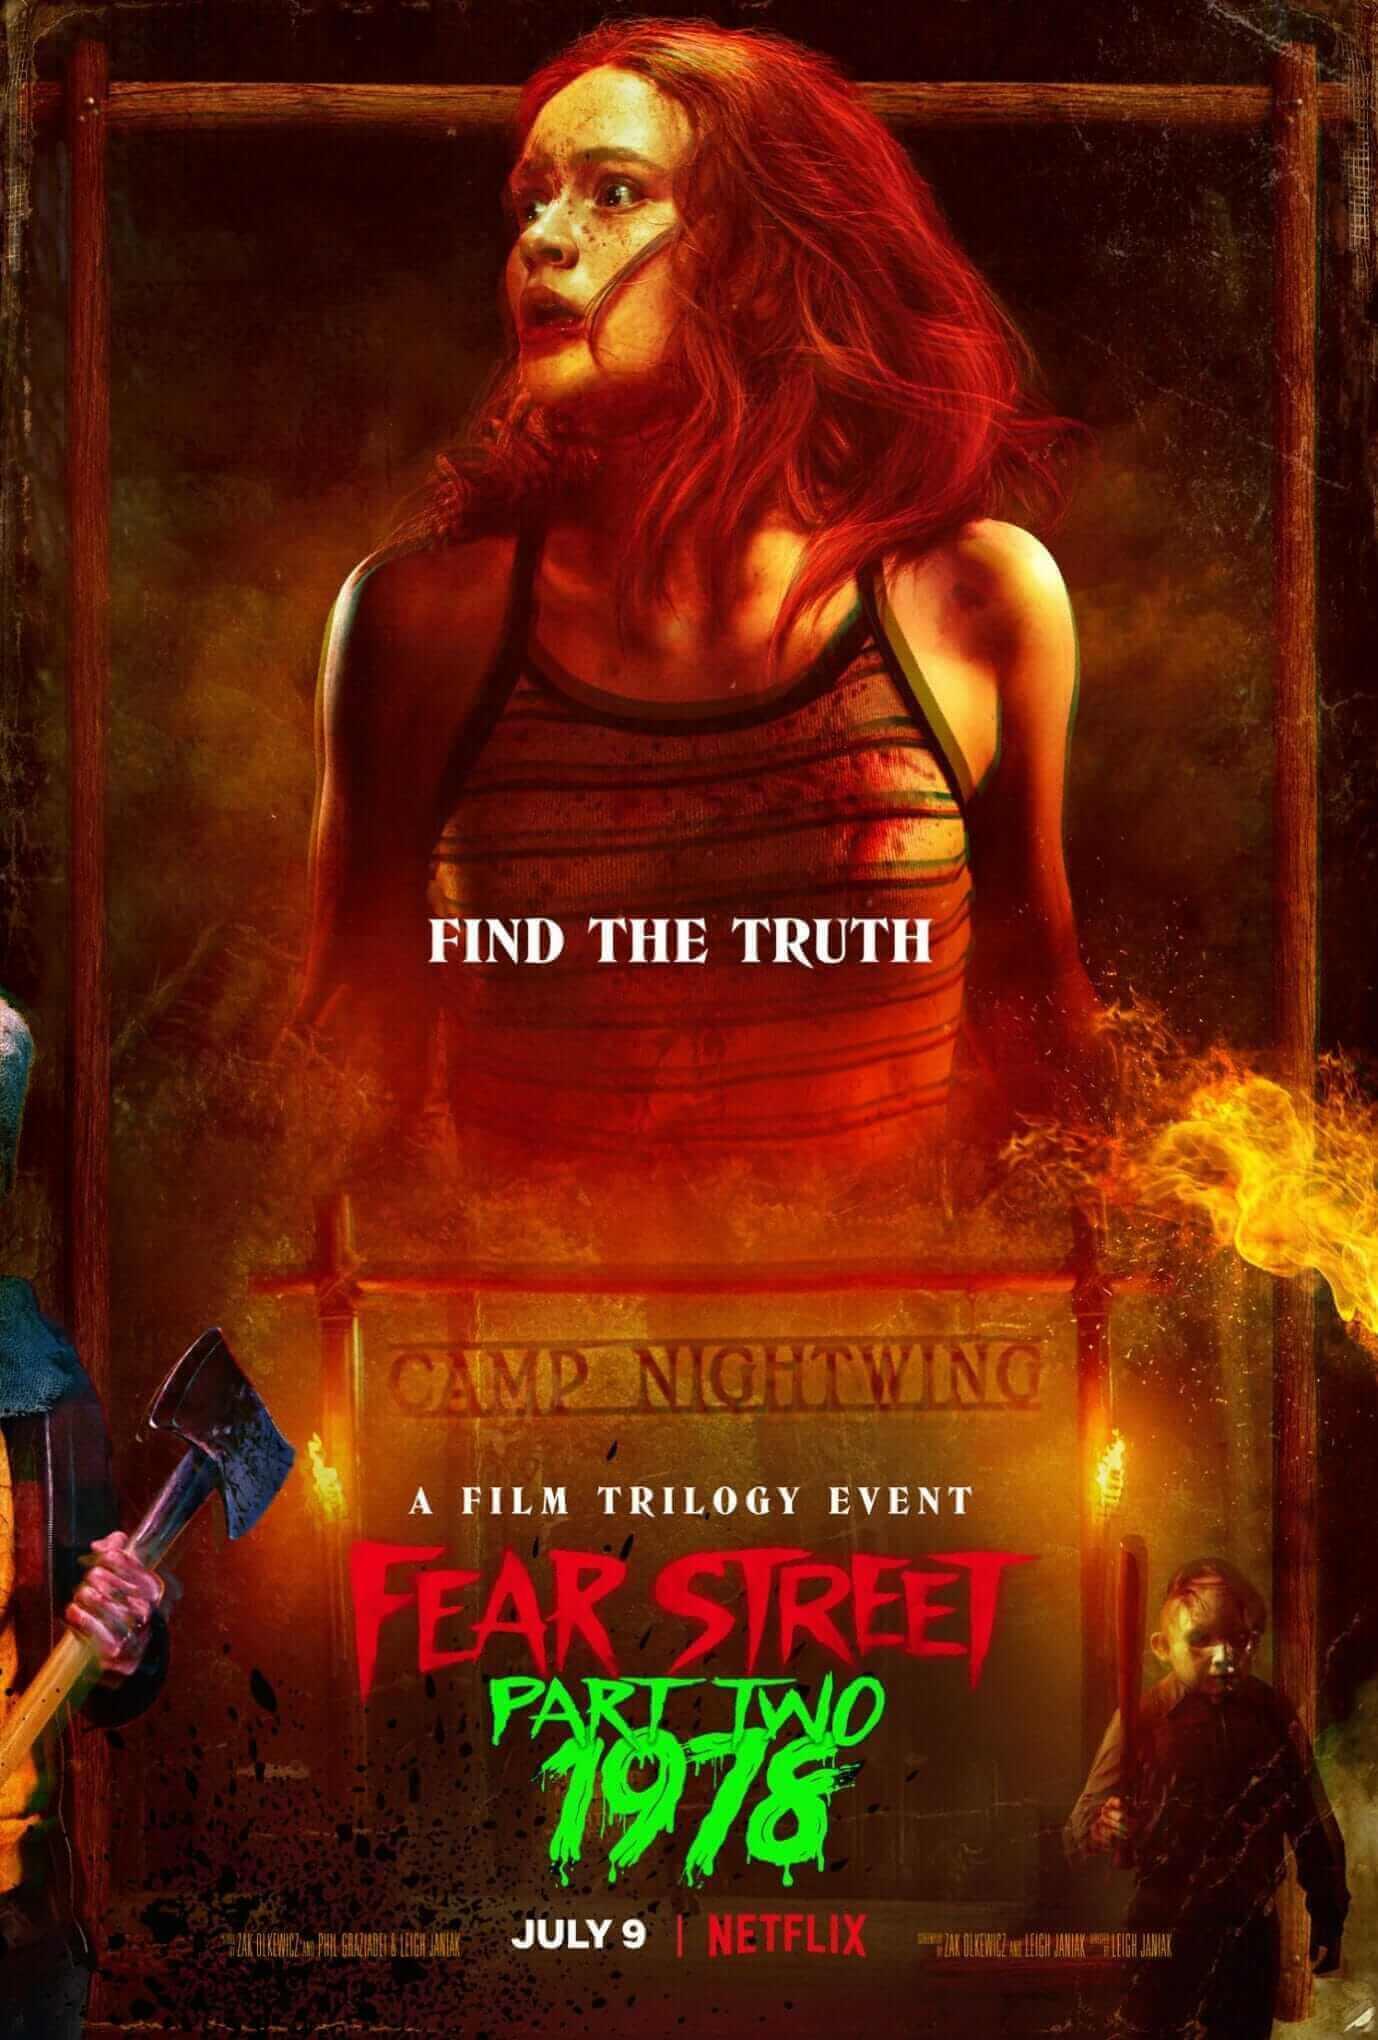 Fear_Street_Part_Two_1978-Netflix-2021-poster